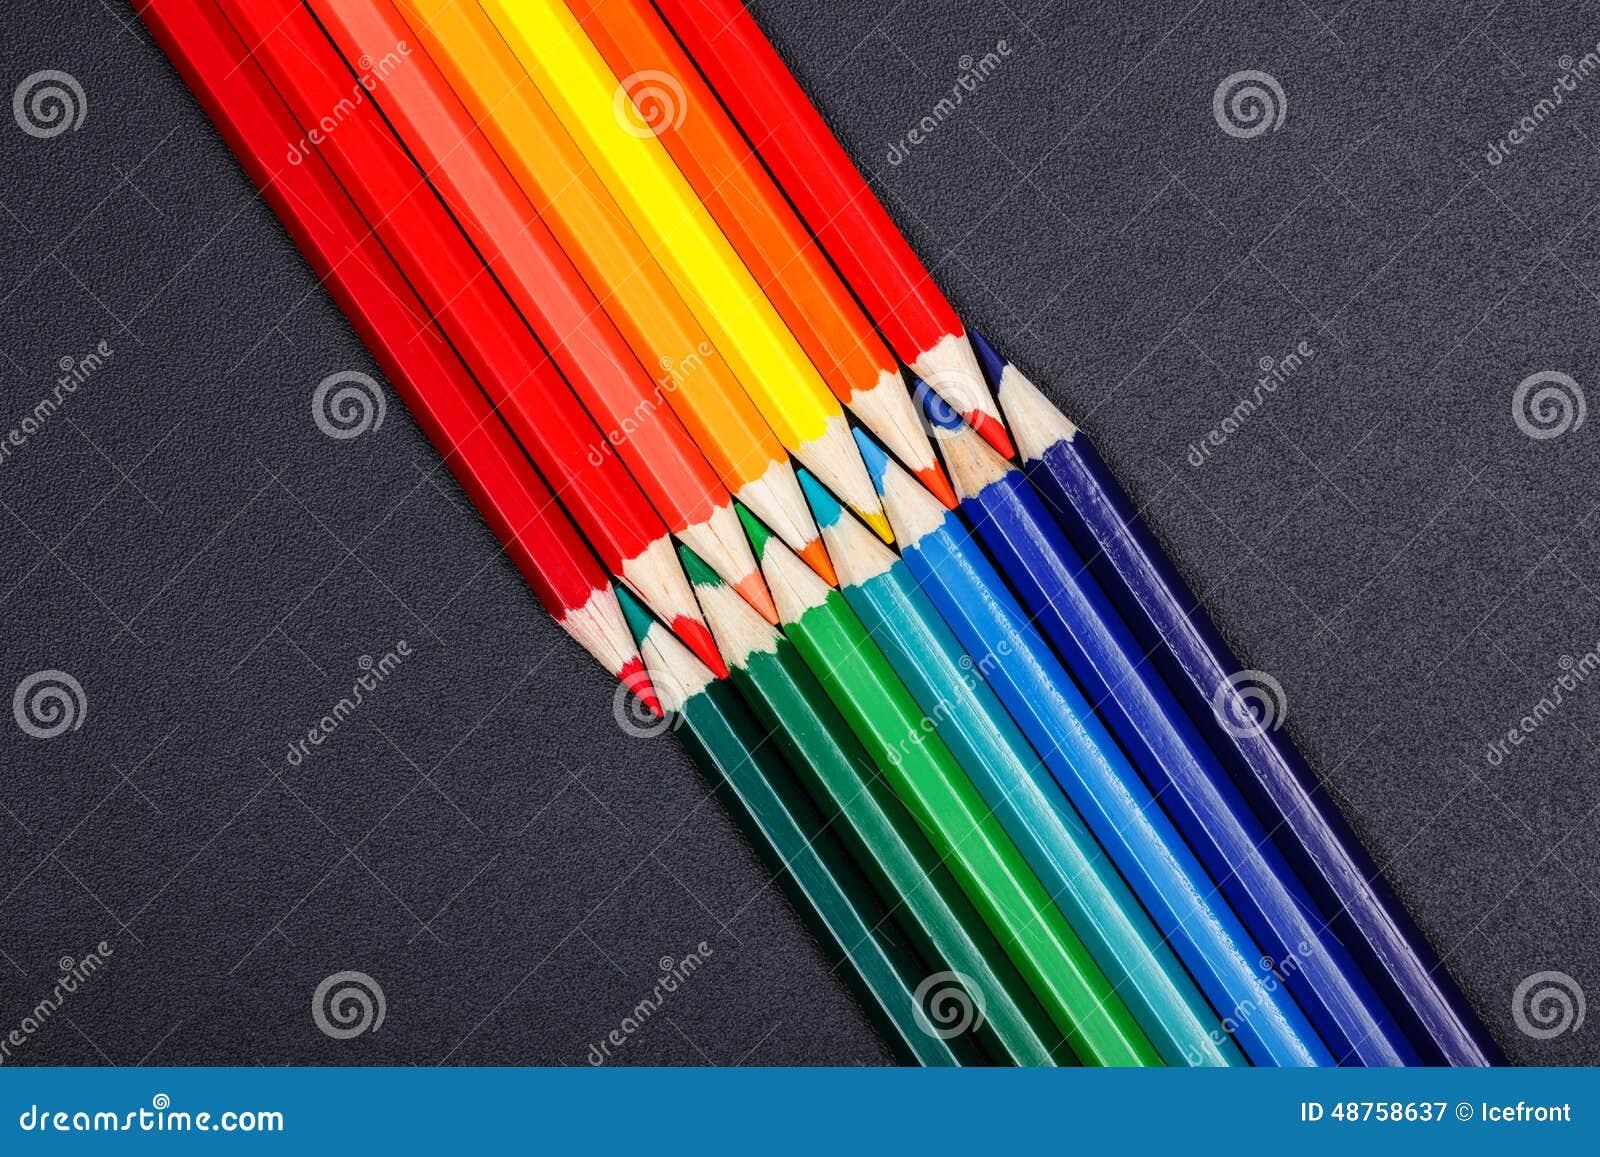 Warme en koude kleuren les images - Koele kleuren warme kleuren ...